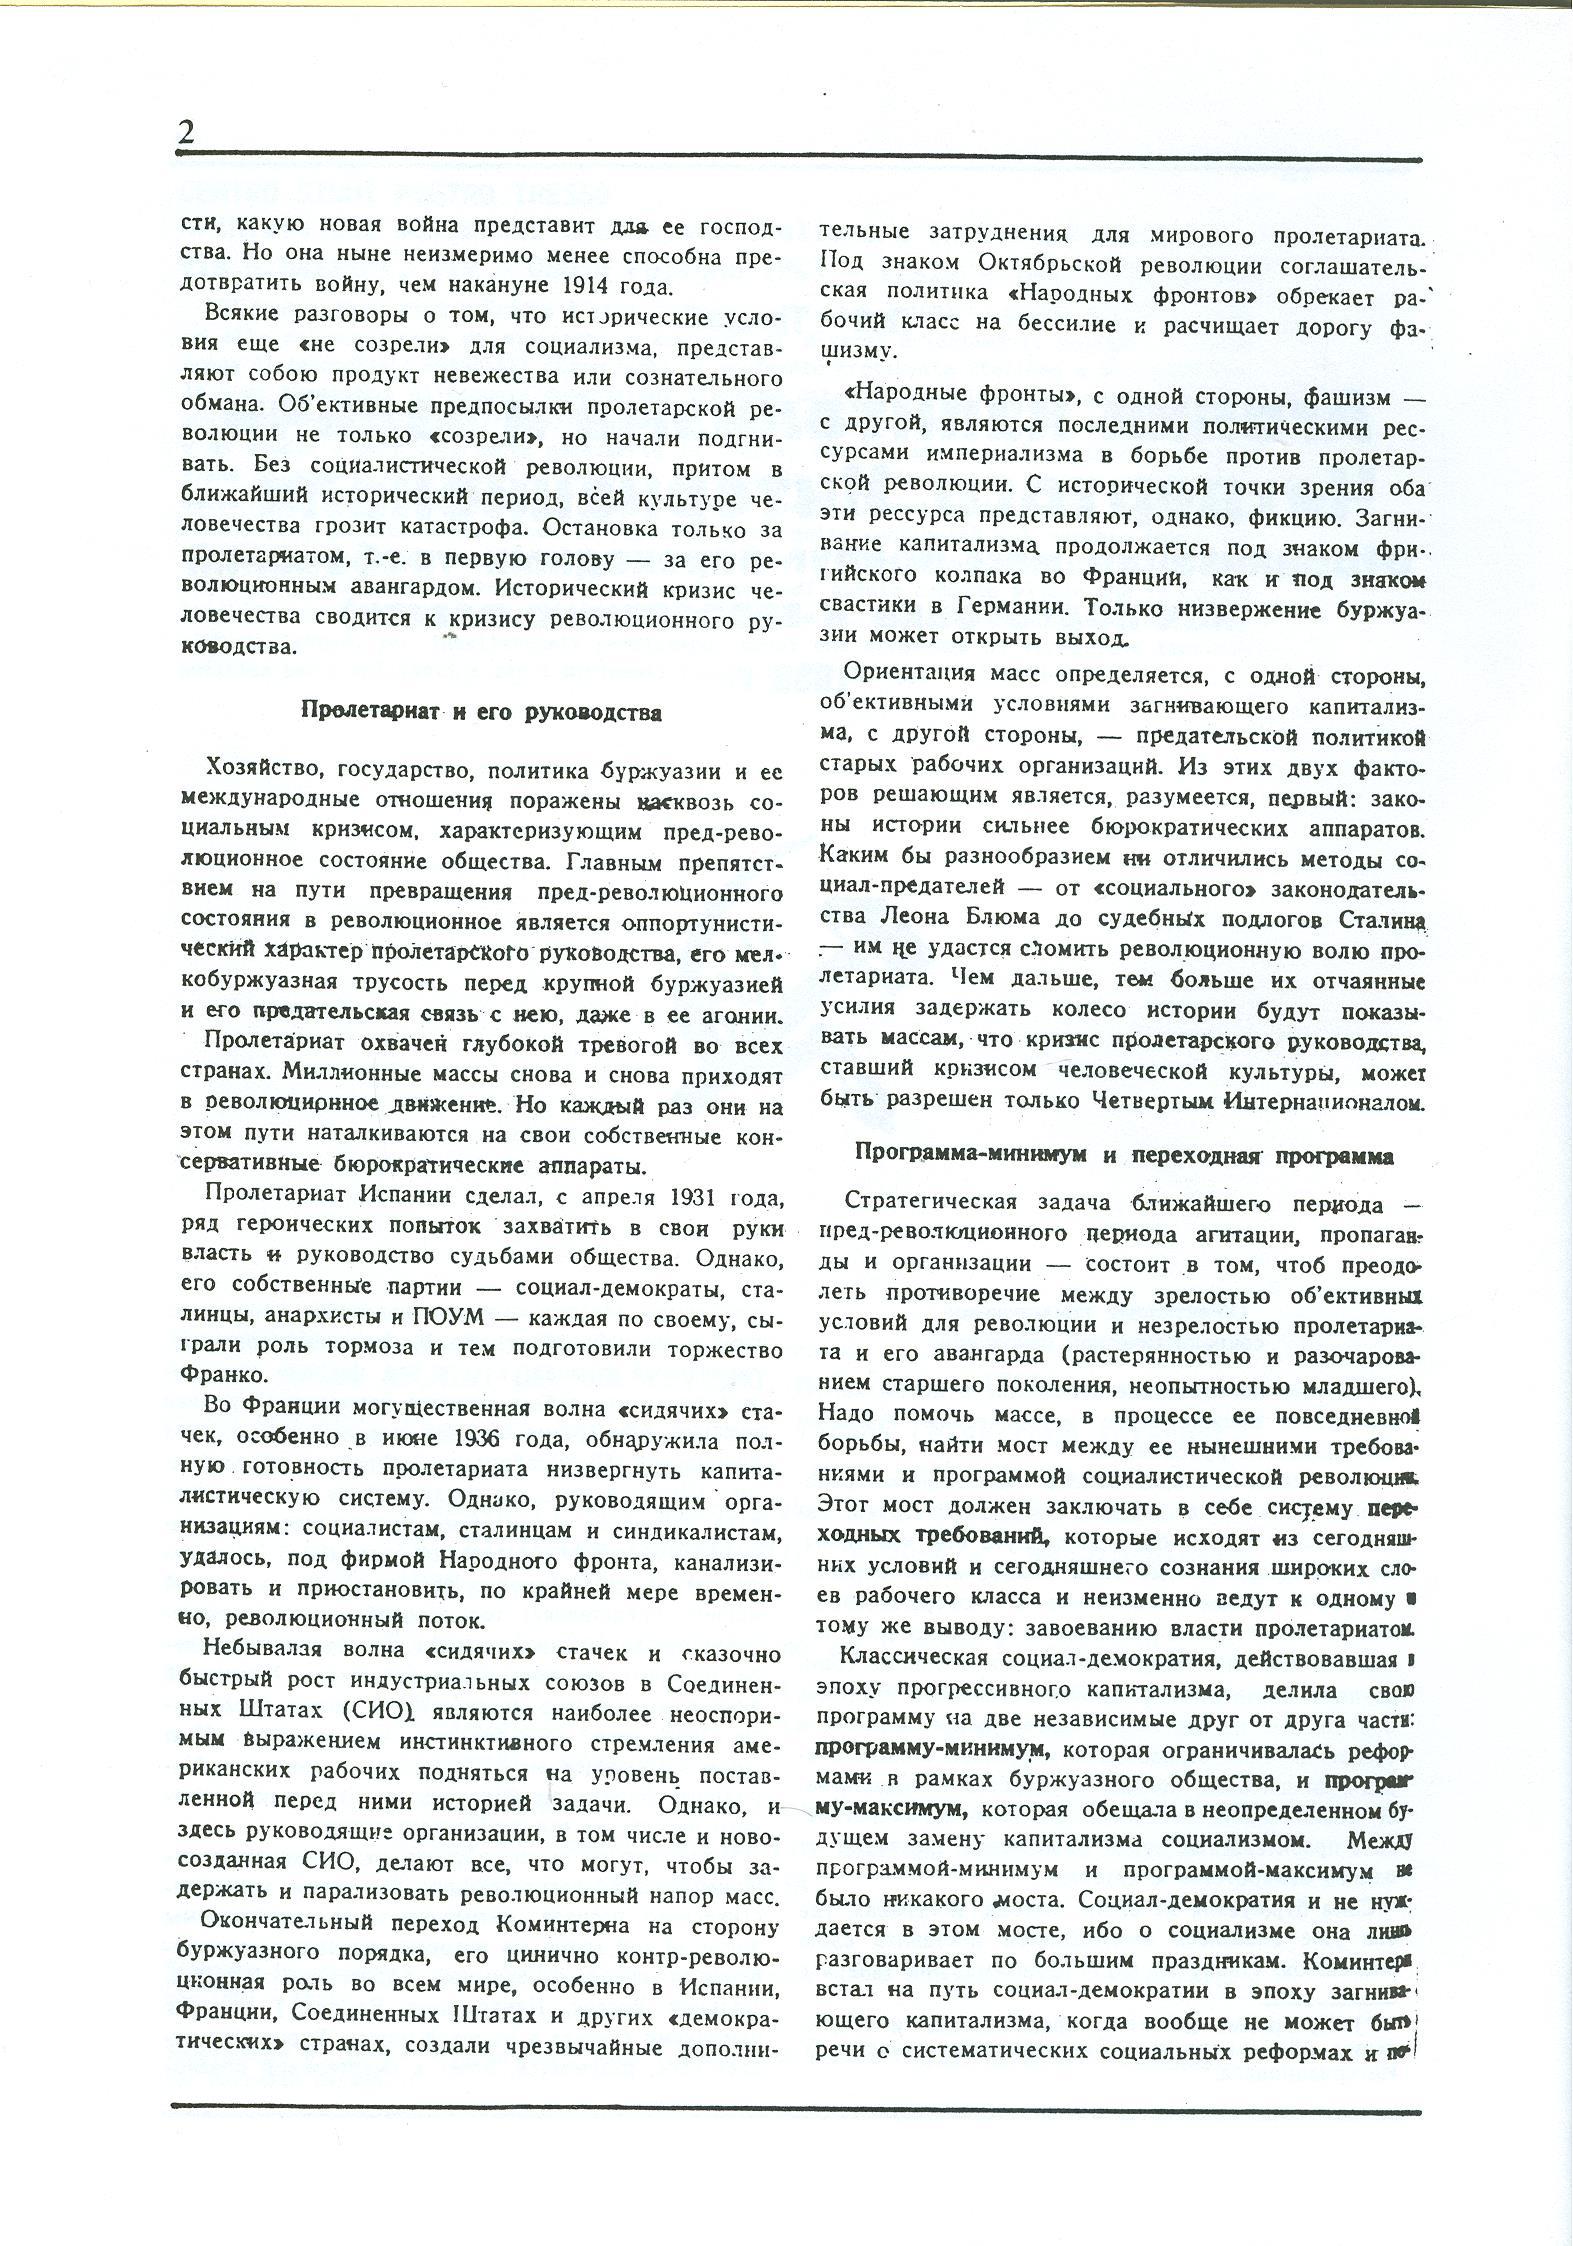 Dagli archivi del bolscevismo n. 1 (marzo 1986) - pag. 2